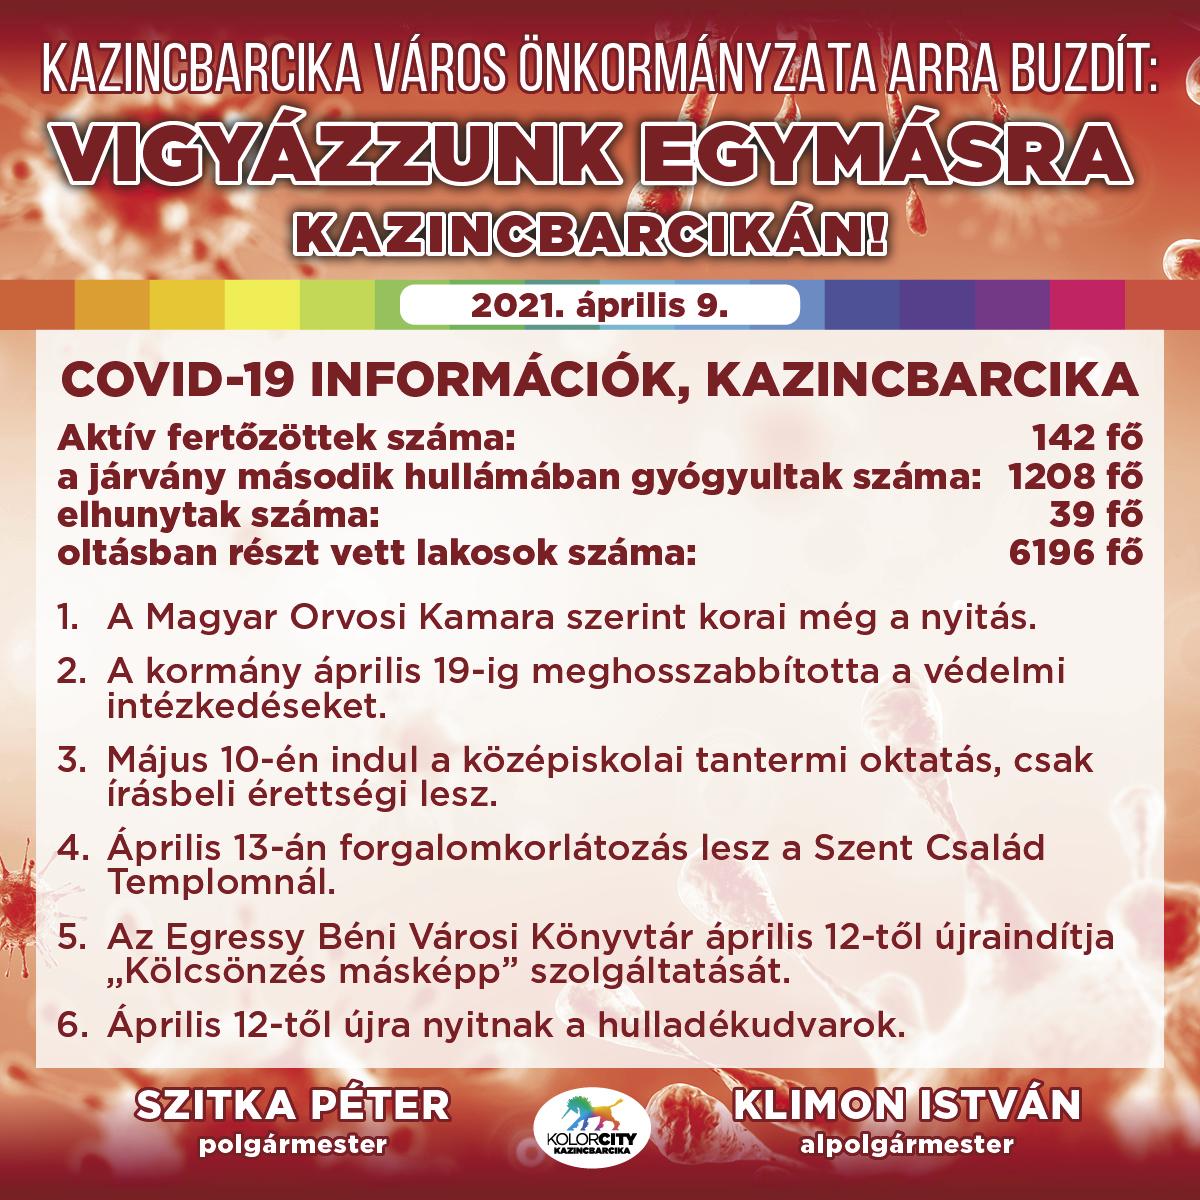 https://kolorline.hu/Vigyázzunk egymásra Kazincbarcikán! – 2021. április 9.